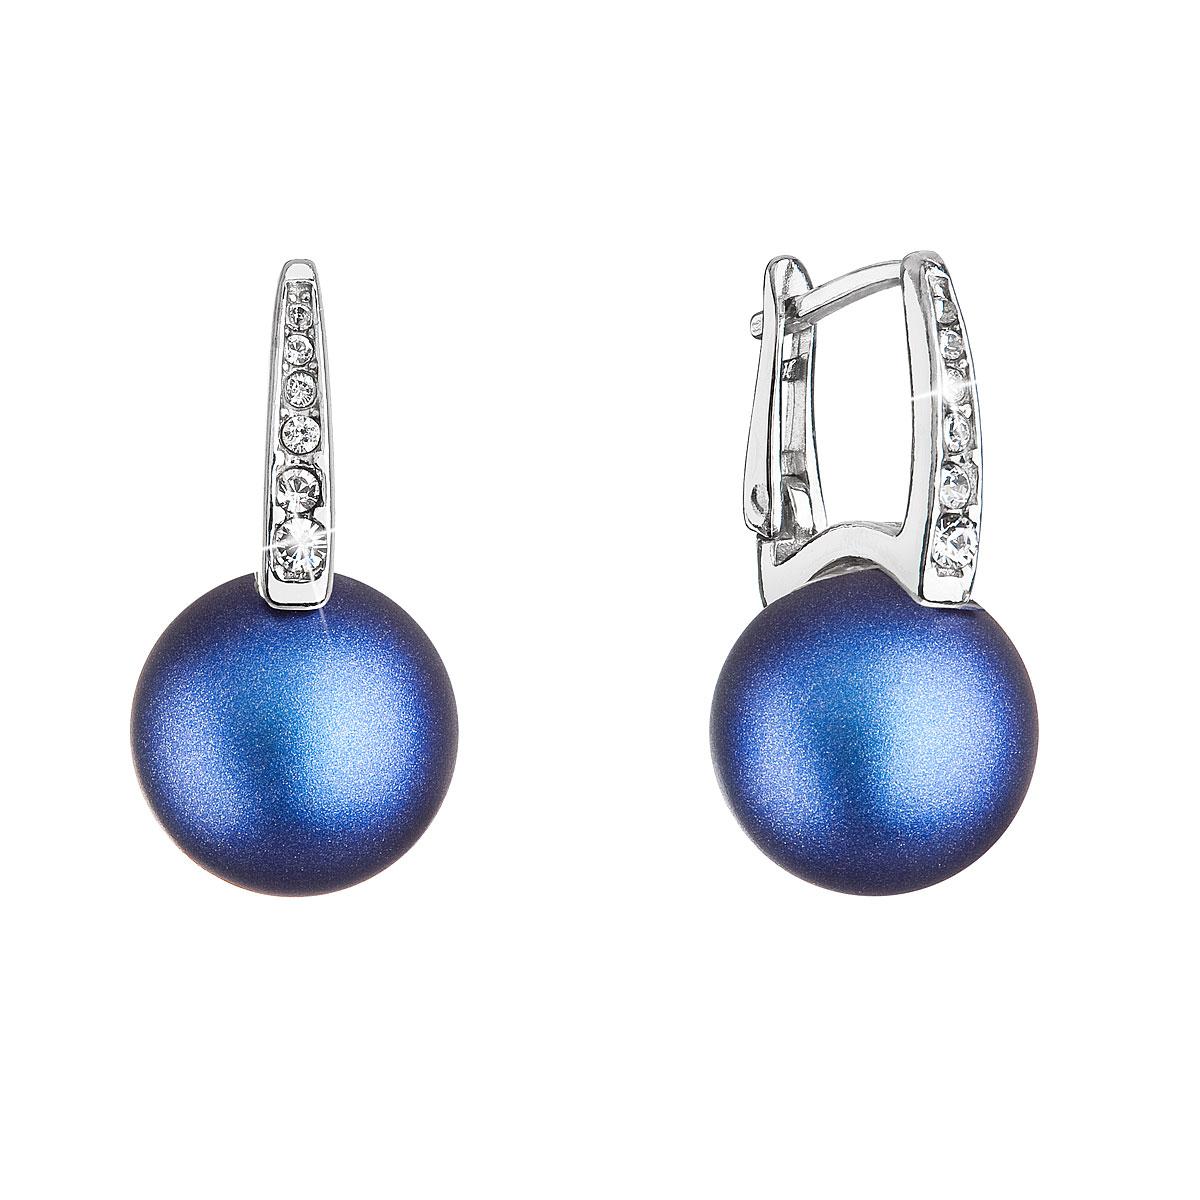 Evolution Group Stříbrné náušnice visací se Swarovski perlou a krystaly 31301.3 tmavě modré